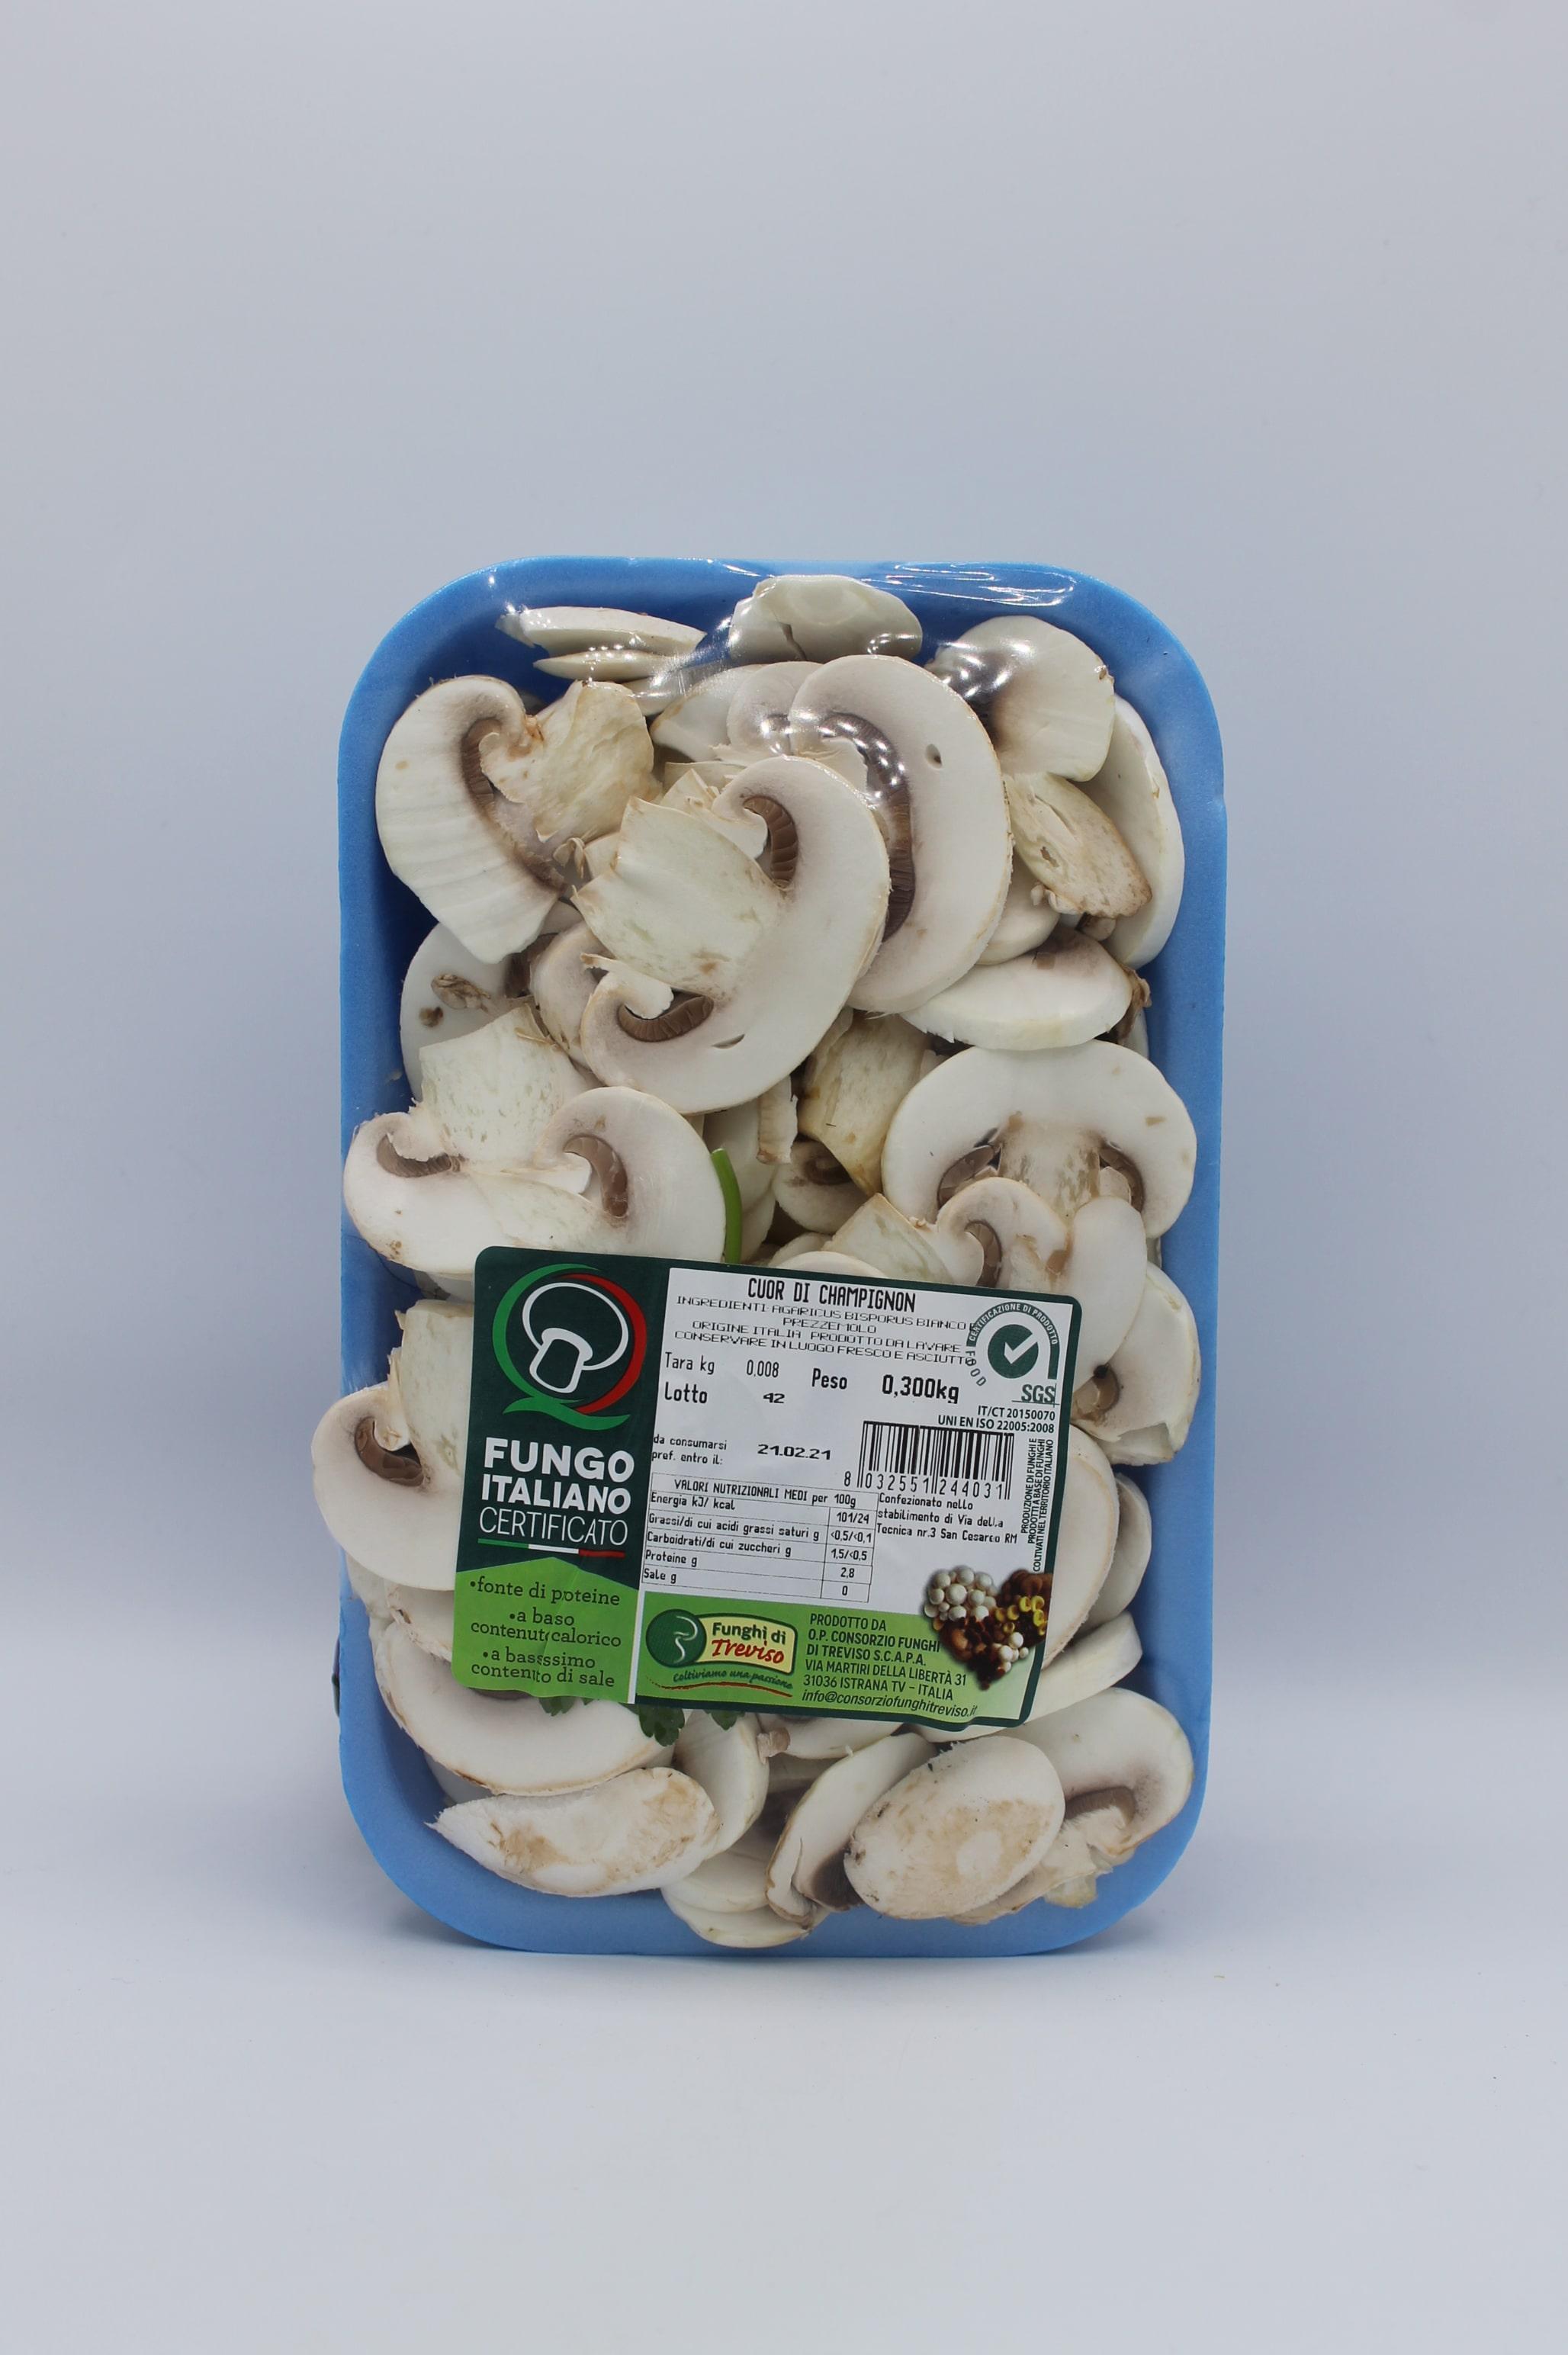 Cuori di champignon 300gr.